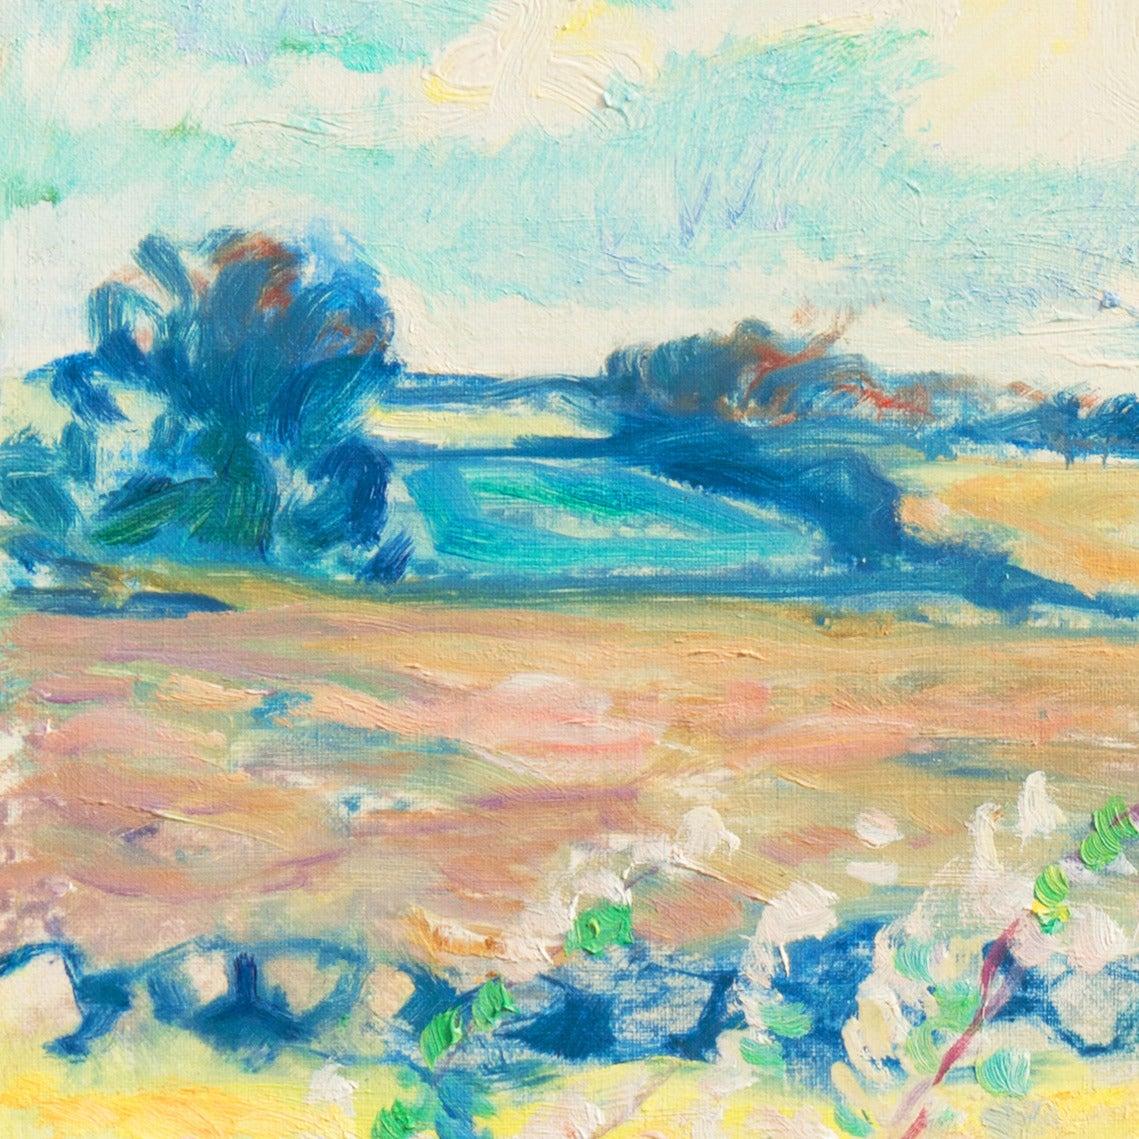 Spring Landscape 6